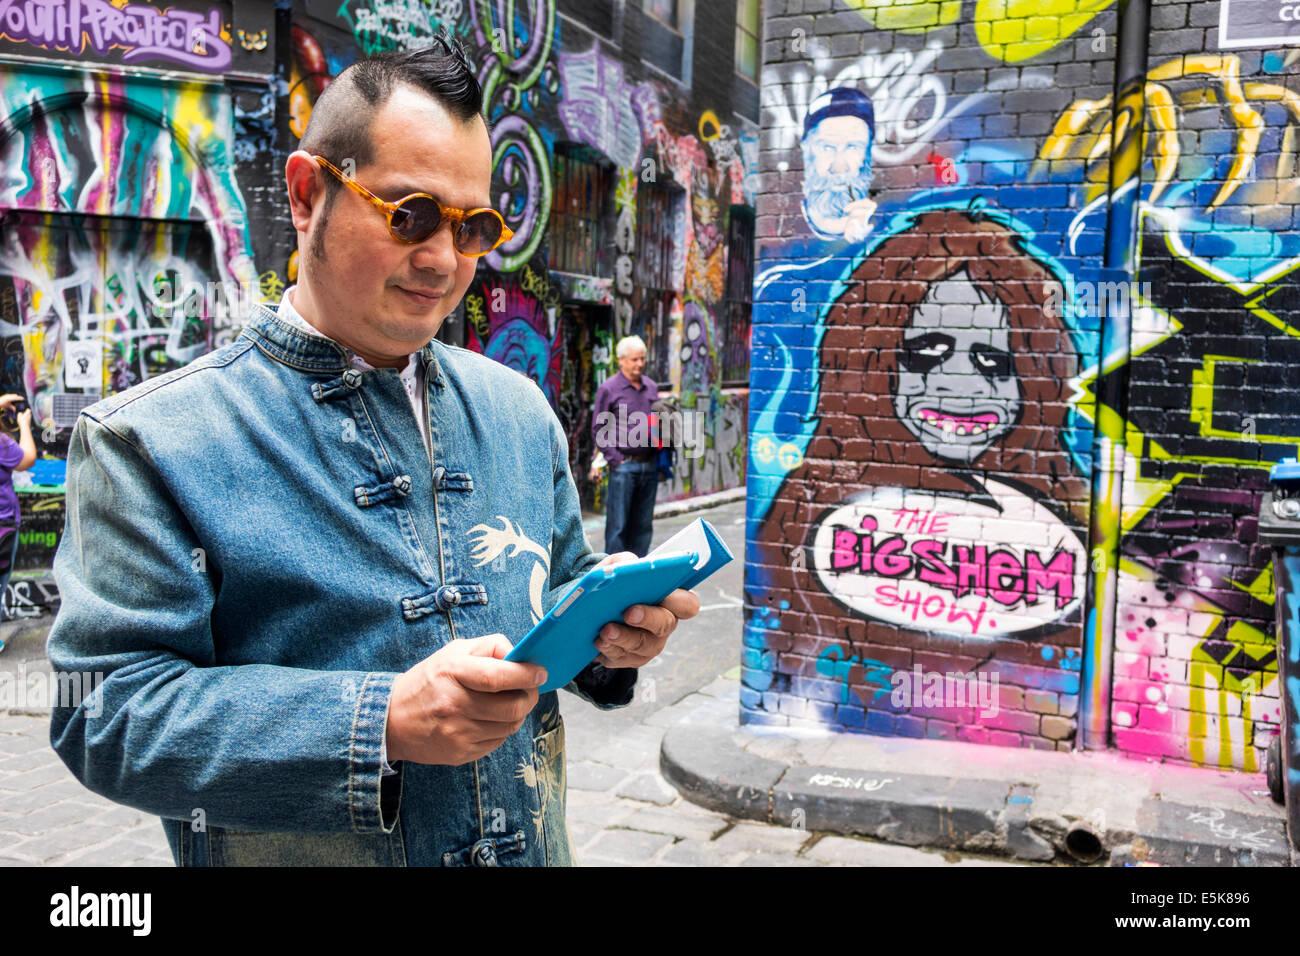 Melbourne Australien Victoria Central Business District CBD Hosier Lane urbane Streetart Graffiti Wandmalereien Stockbild